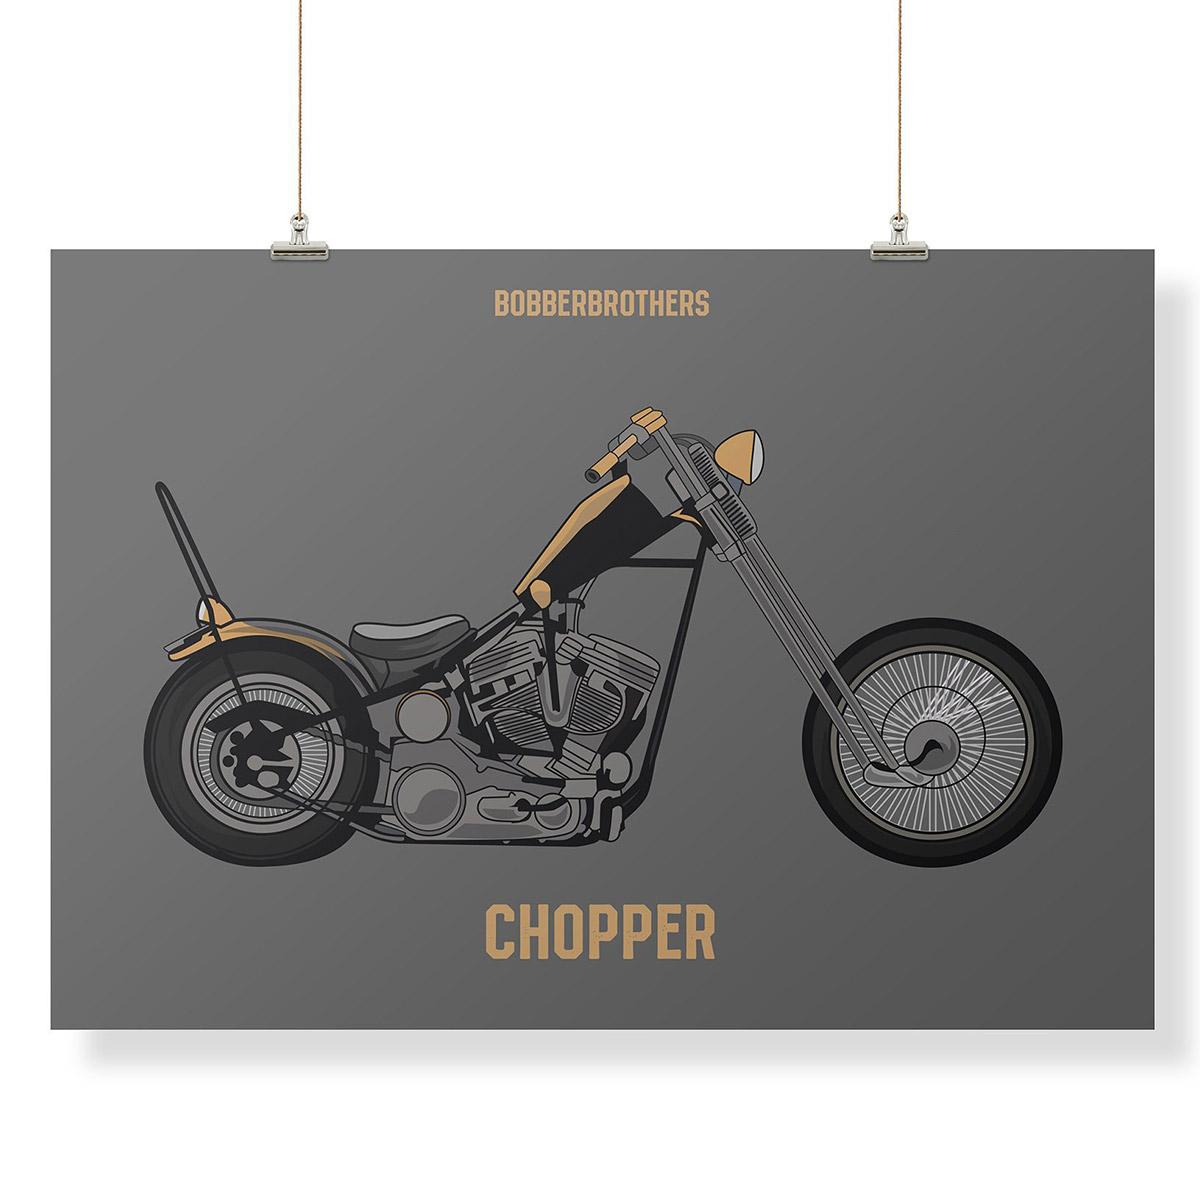 Kunstdruck chopper von bobber brothers schilder deko for Kunstdruck wohnzimmer